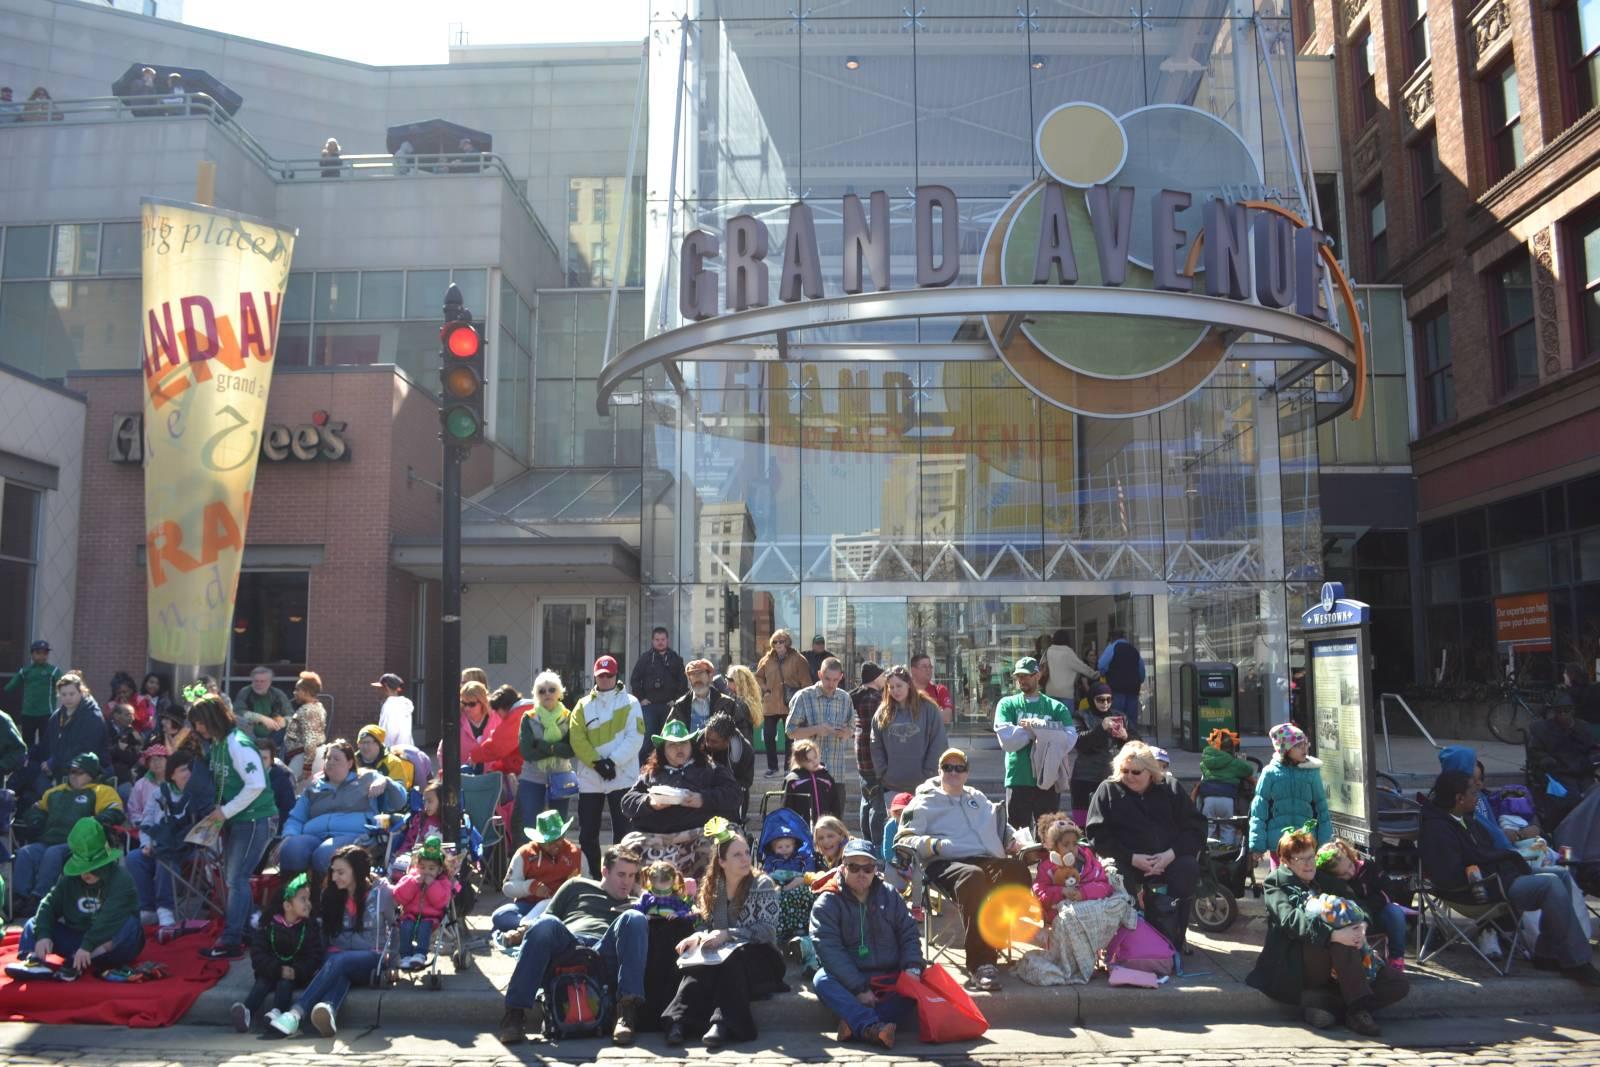 Parade Crowd